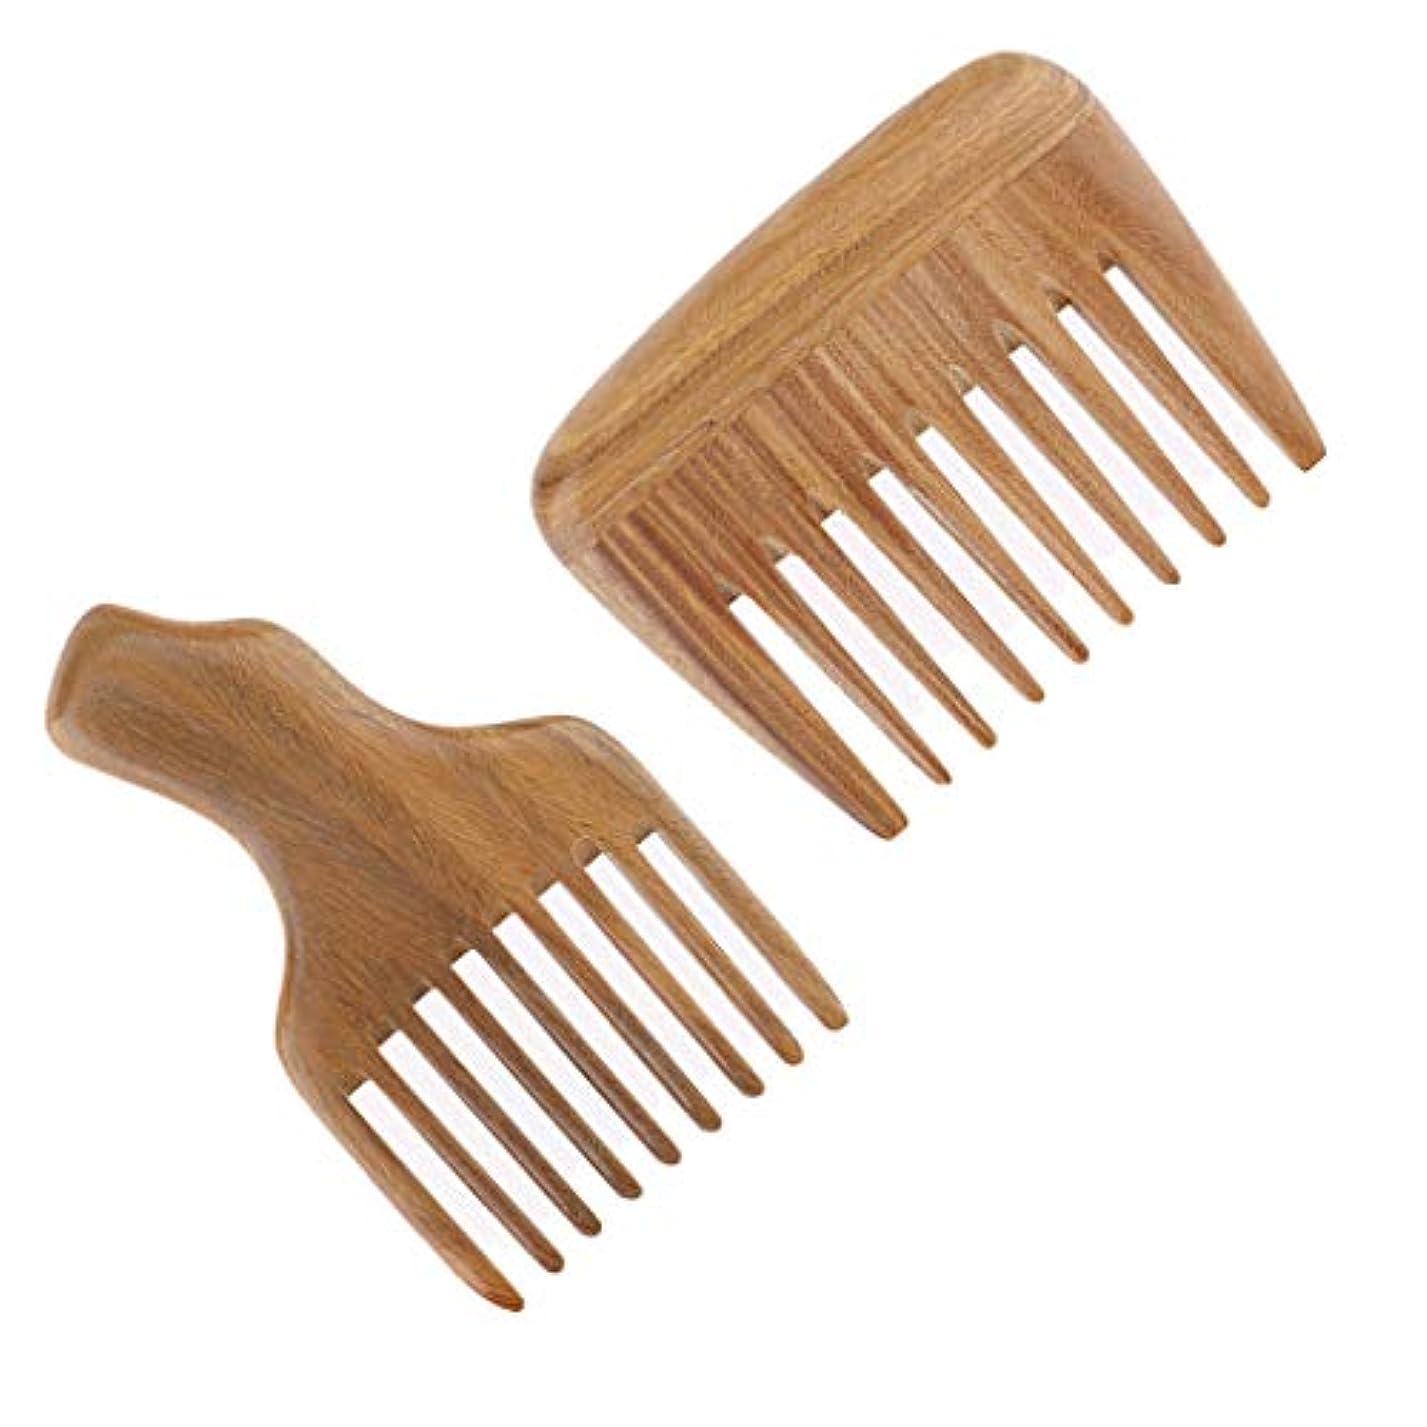 未払いベッドを作る説得T TOOYFUL 木製コーム ヘアブラシ ヘアコーム 粗い櫛 ユニセックス 理髪店 サロン アクセサリー 2個入り